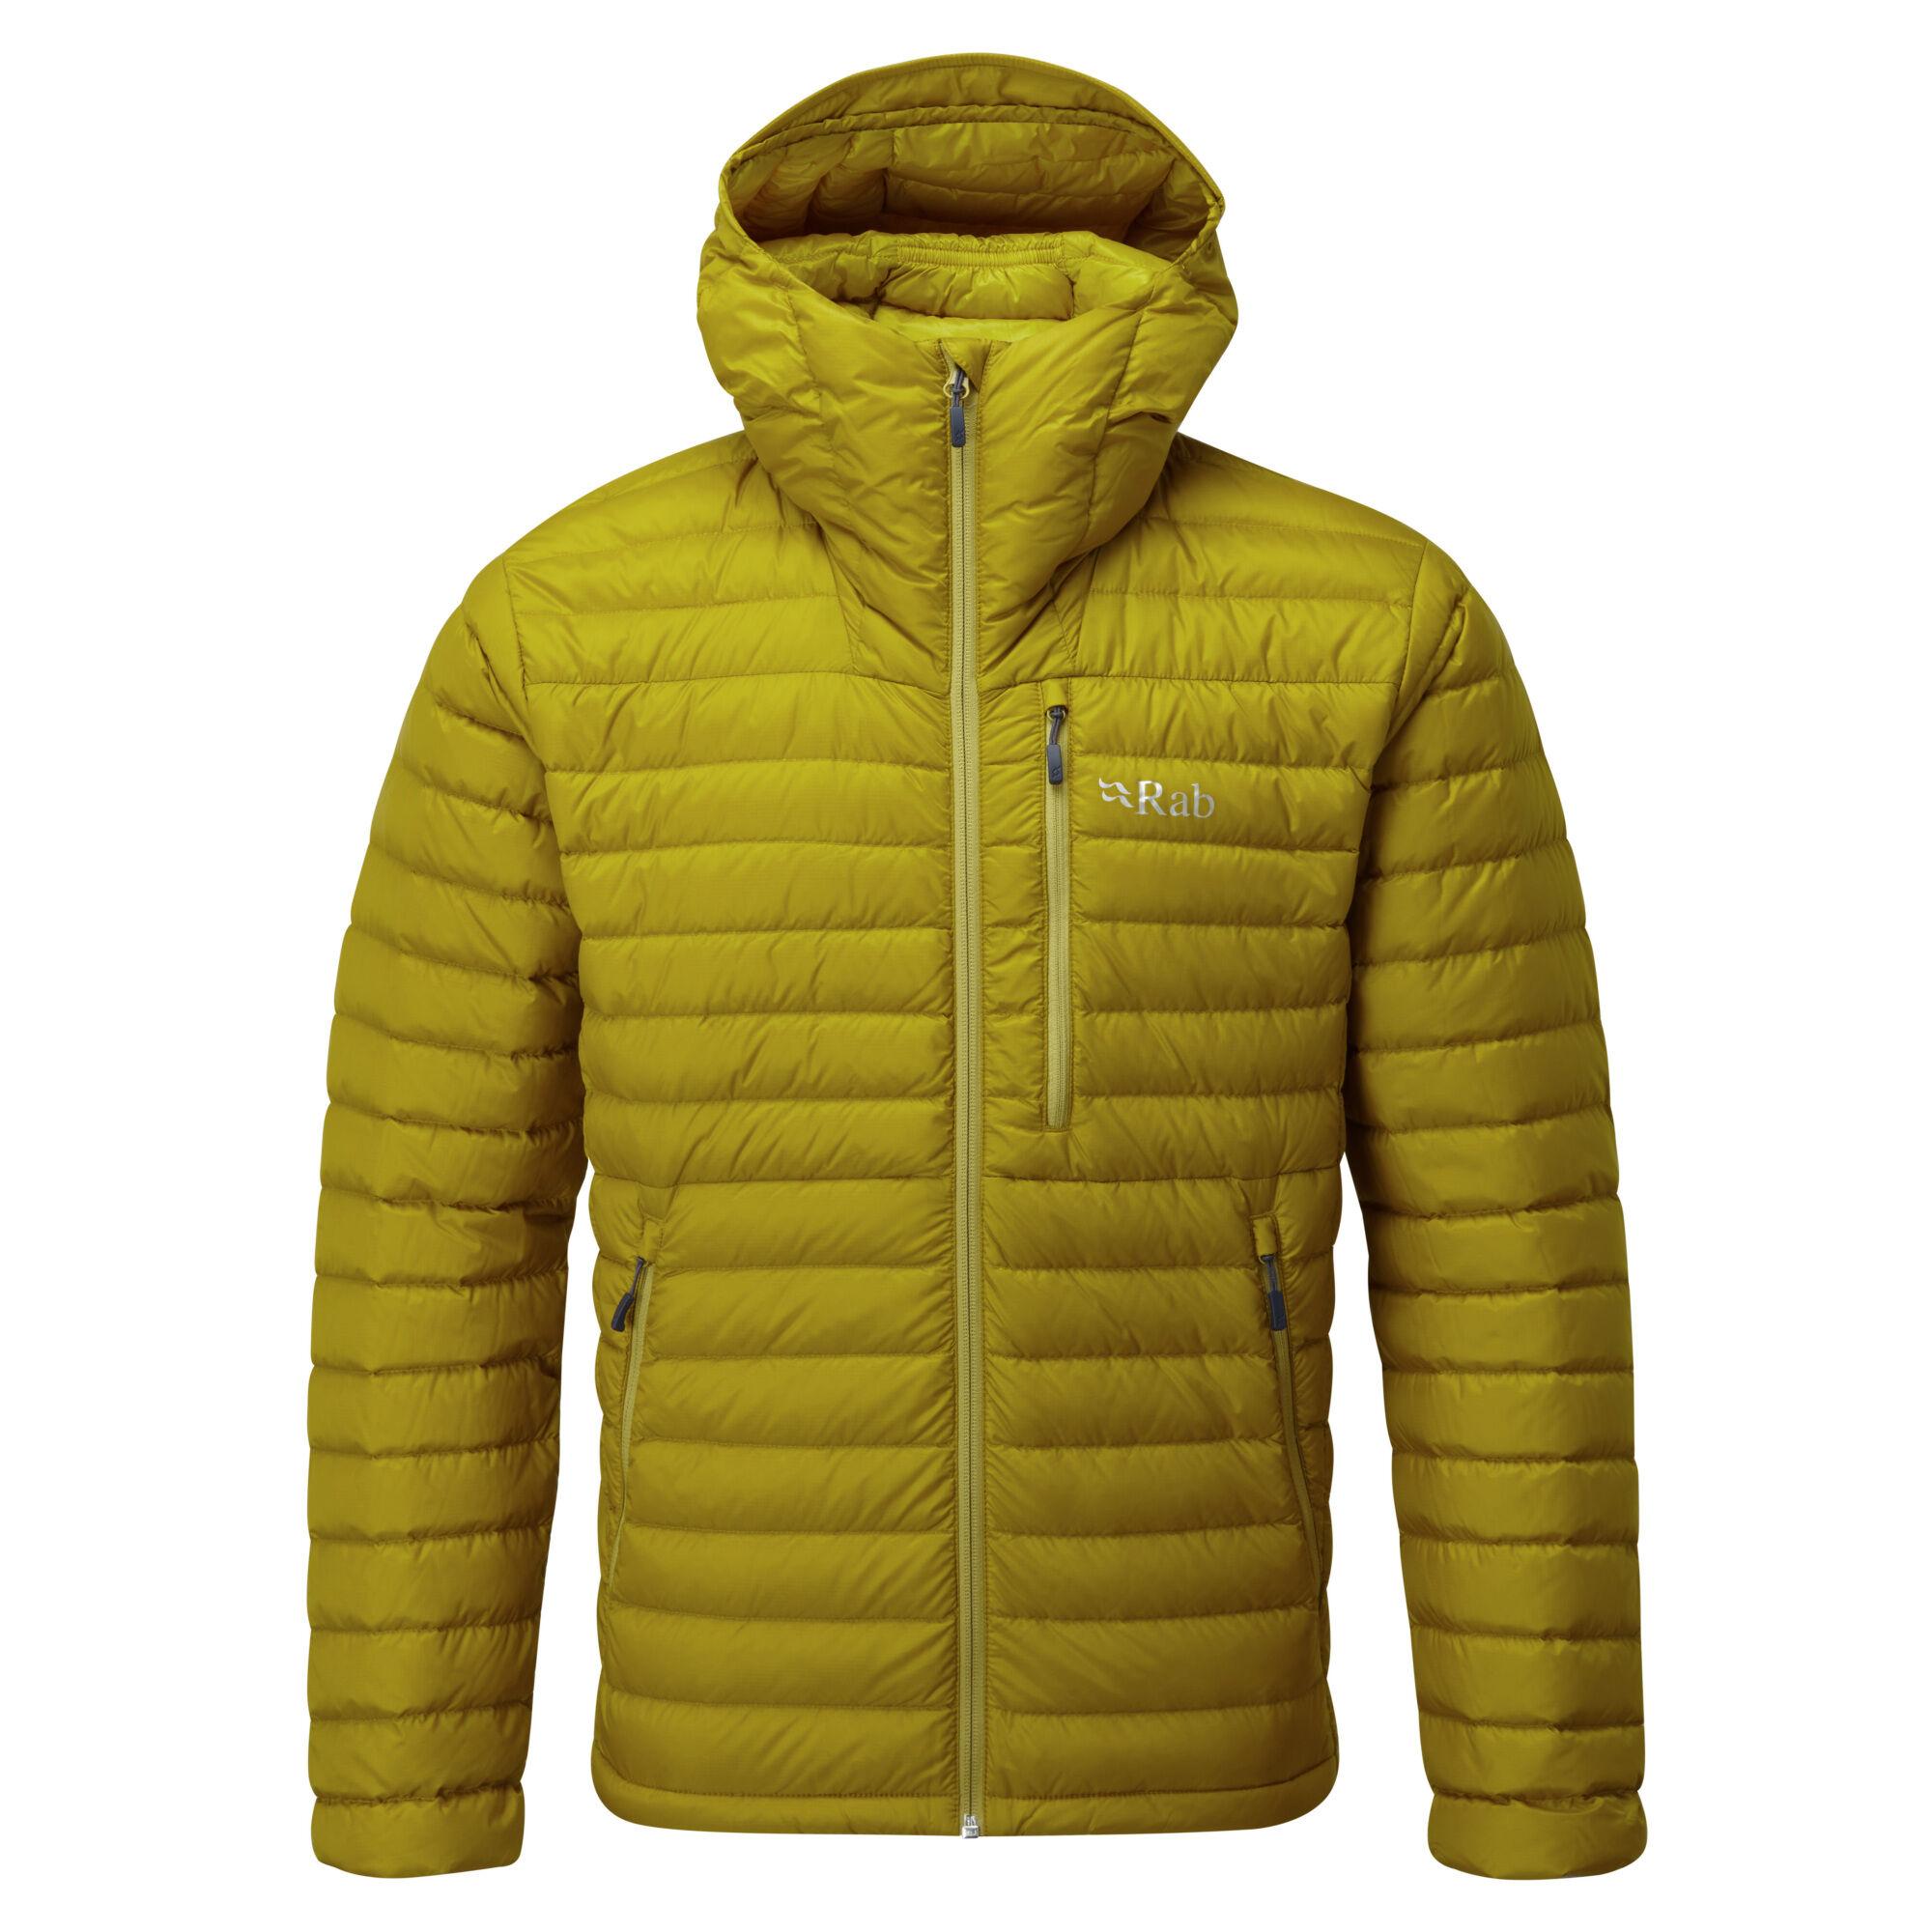 Rab | Microlight Alpine tynn dunjakke herre | Jakker